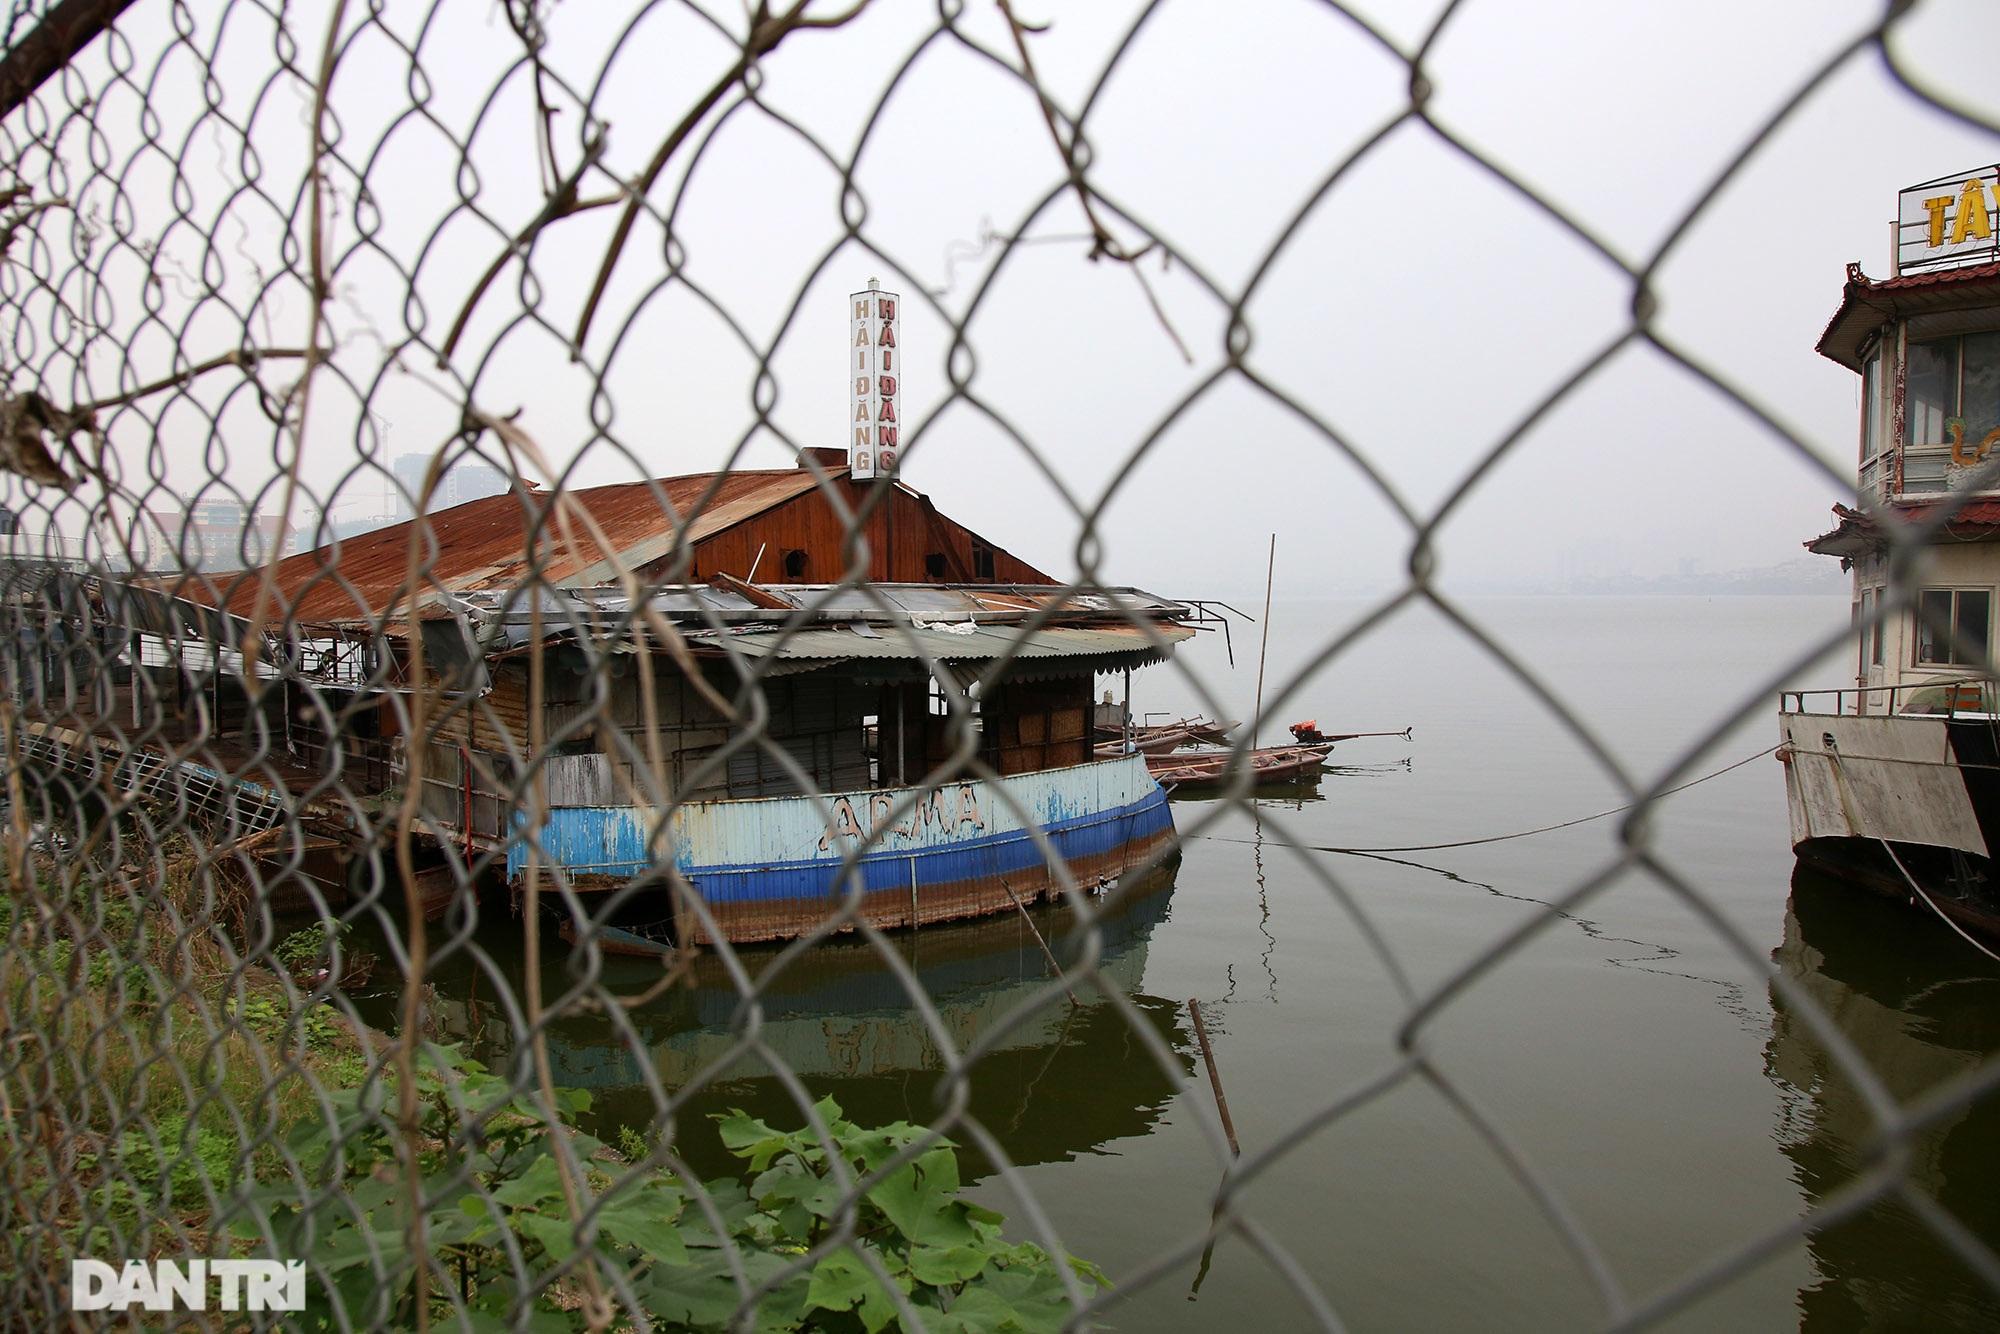 Xác tàu hoen gỉ nổi trên hồ Tây suốt 4 năm qua không được tháo dỡ - 10